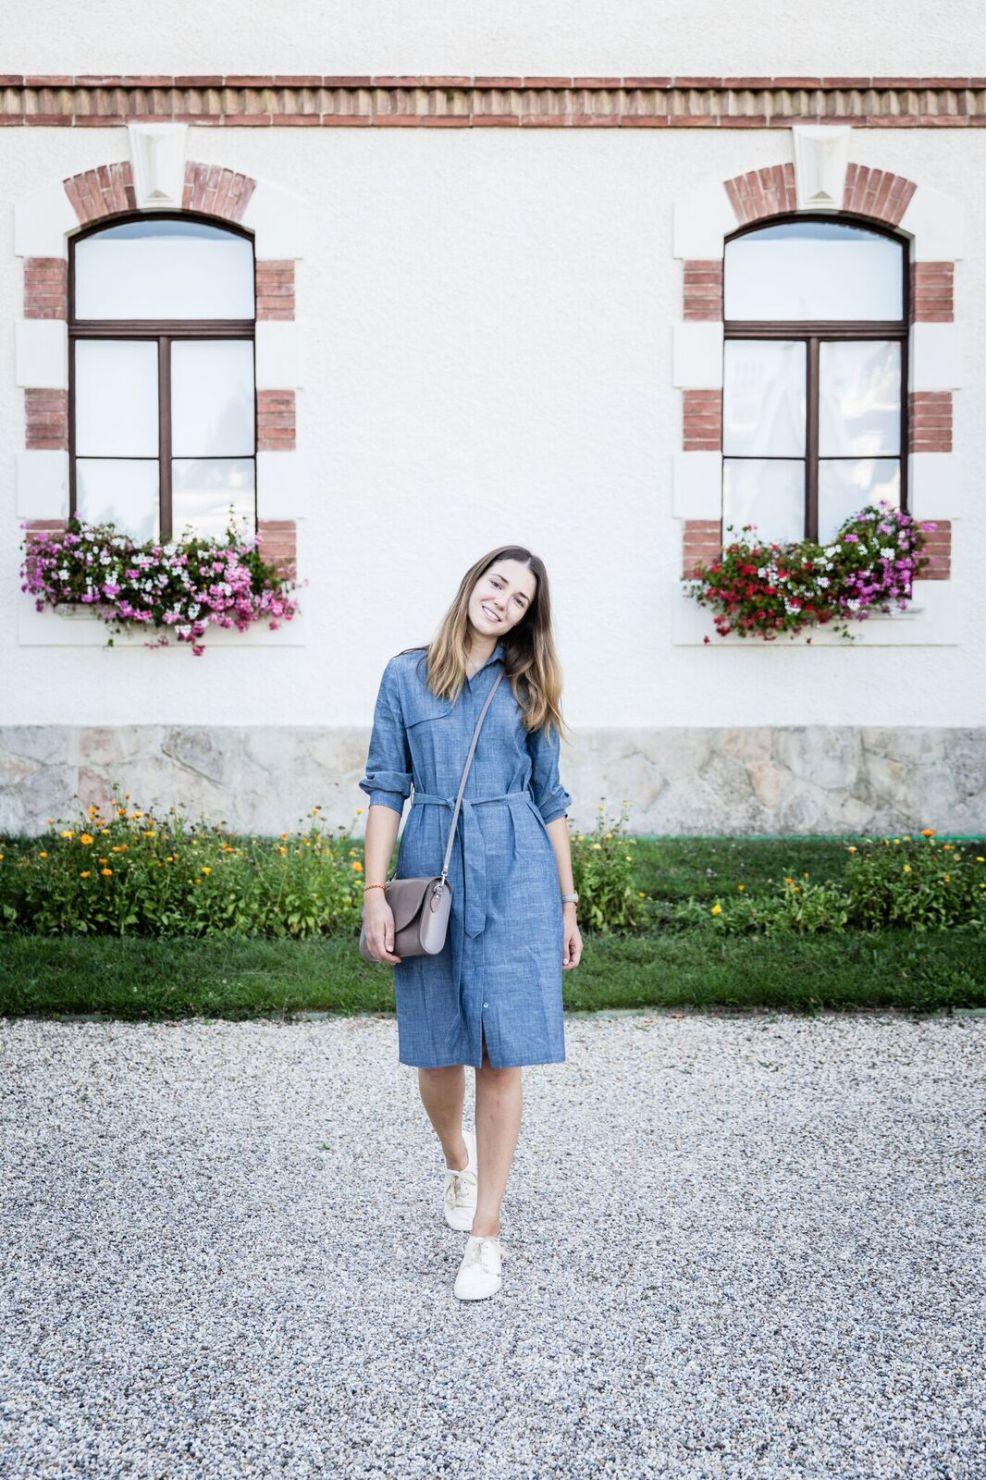 Hemdblusenkleid von Mila.Vert, fotografiert von Daniel Wolf